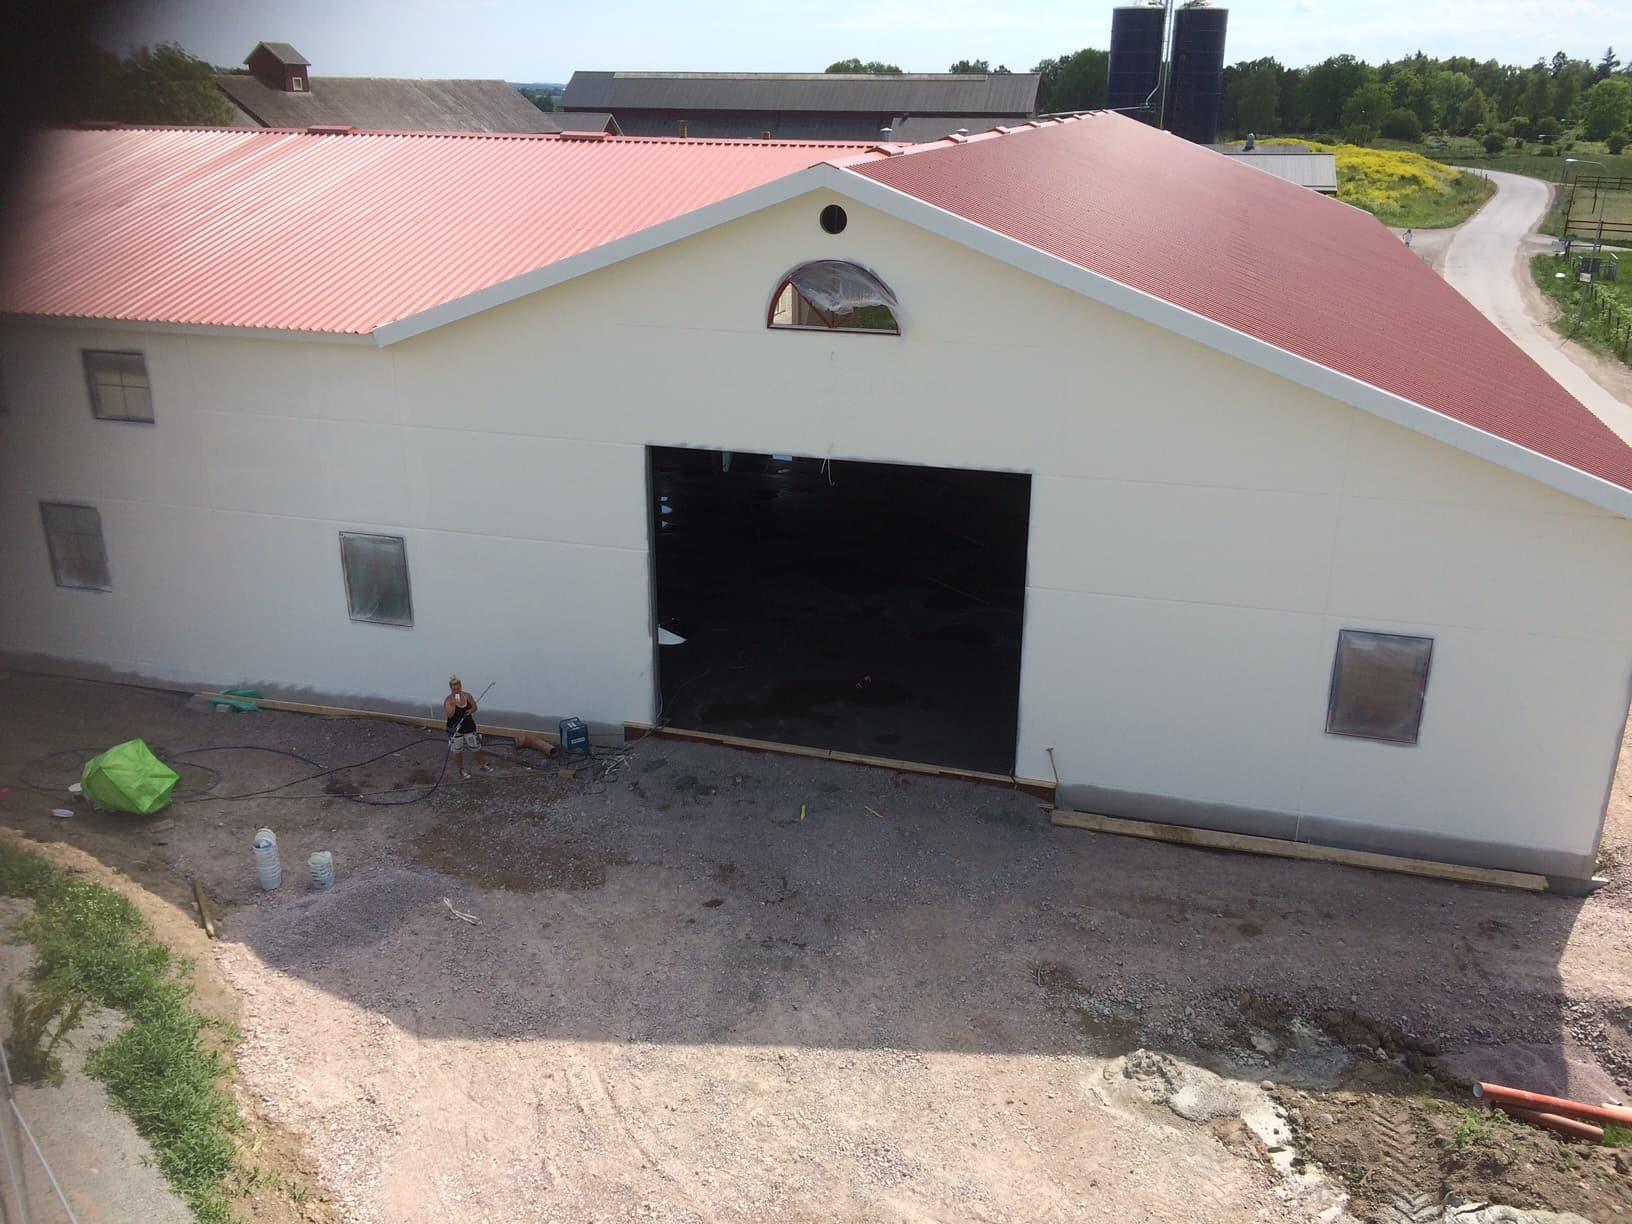 Allblästring Jälla gård målning betong betongytor blästring uppsala 04